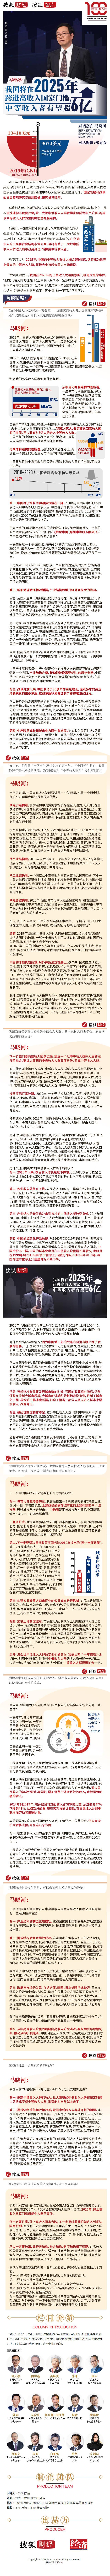 马晓河:我国将在2025年跨进高收入国家门槛,中等收入者有望超6亿